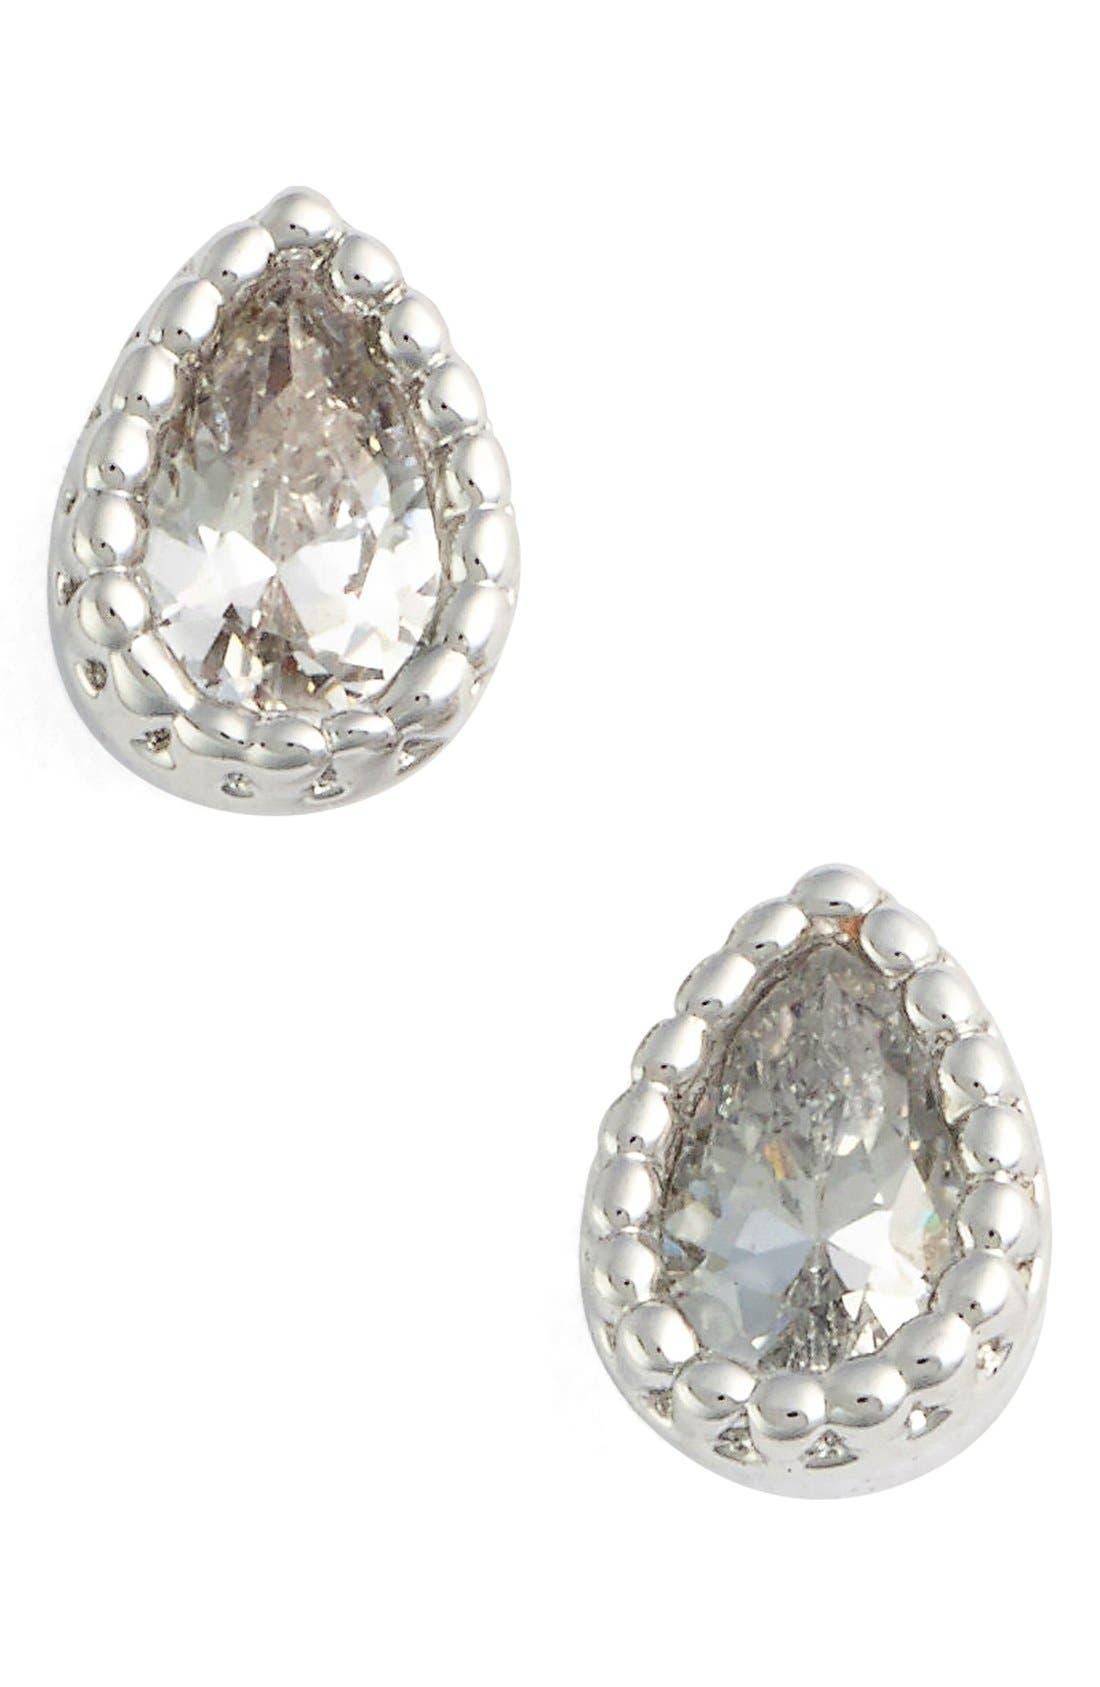 JULES SMITH Micro Teardrop Stud Earrings